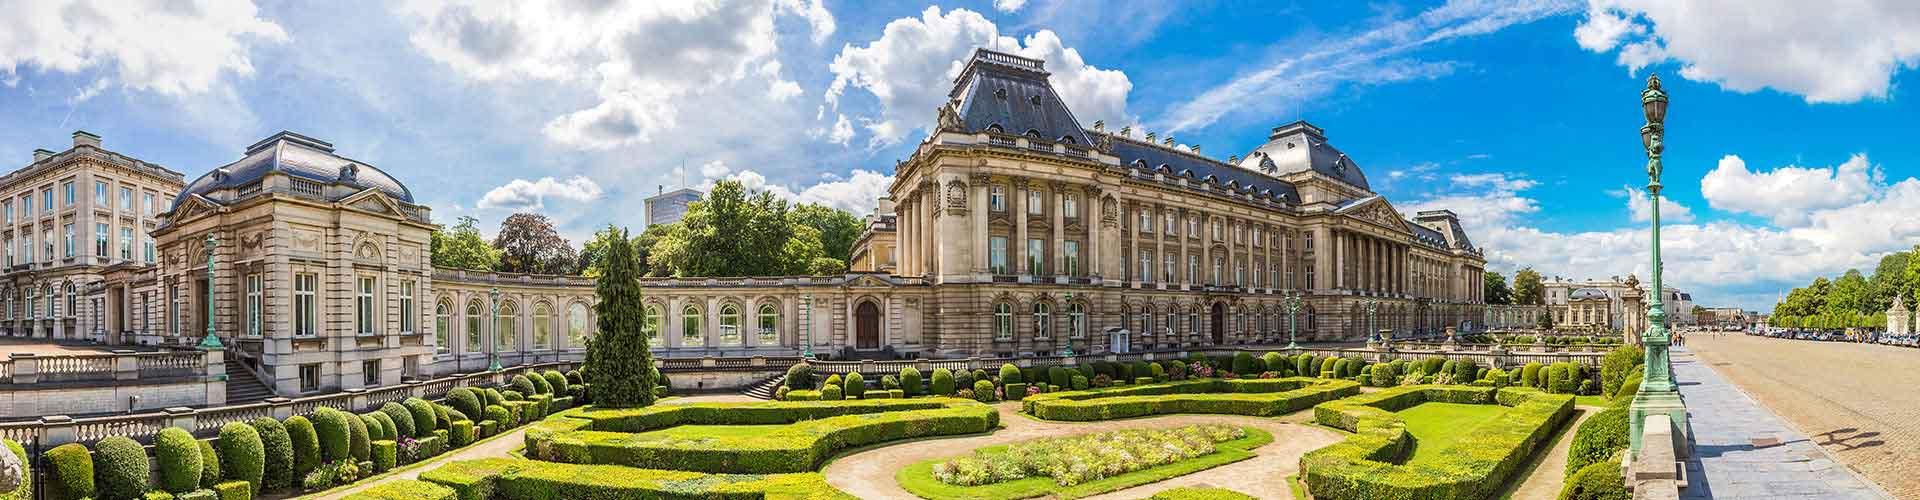 Brüssel - Zimmer in Brüssel. Brüssel auf der Karte. Fotos und Bewertungen für jedes Zimmer in Brüssel.